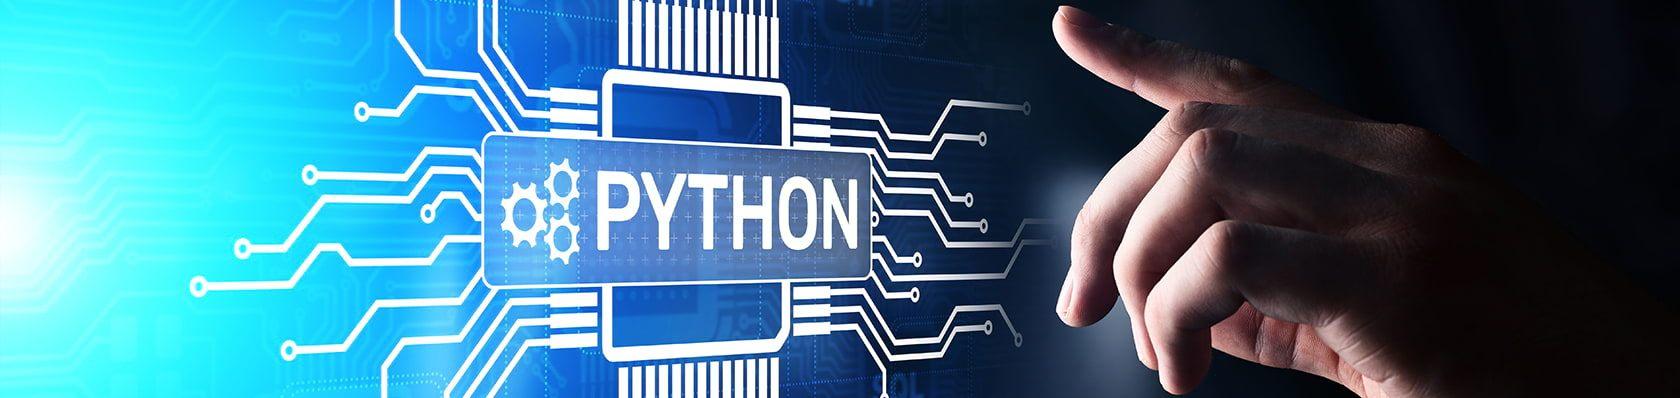 Python Onlinekurse im Test auf ExpertenTesten.de